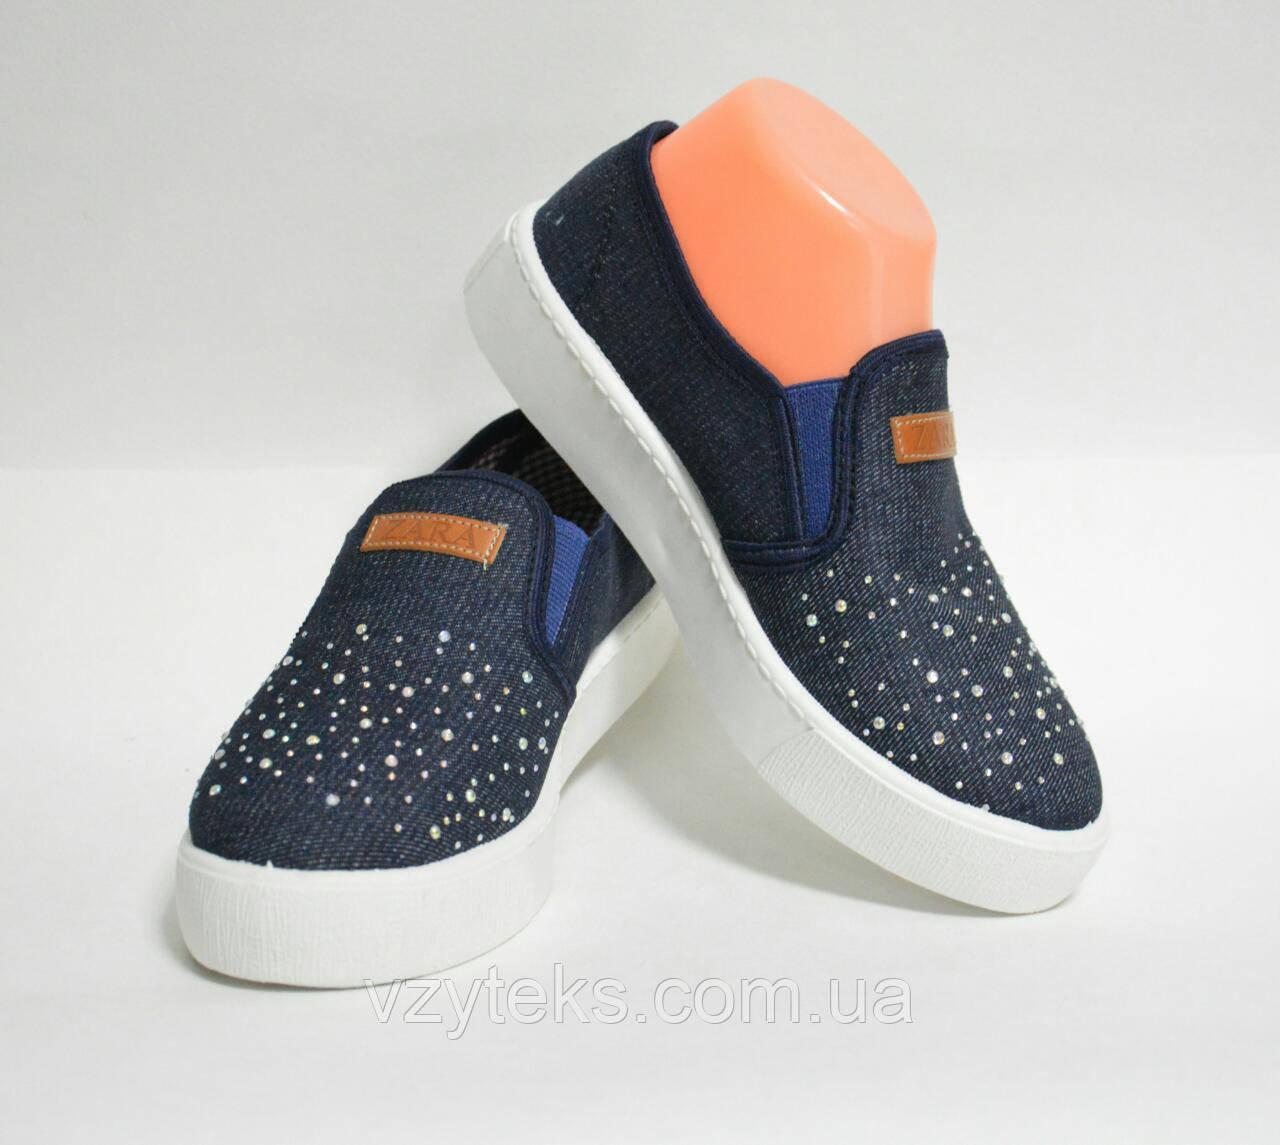 8cc19deb4 Мокасины женские джинсовые с камнями SV - Центр обуви Взутекс в Хмельницком